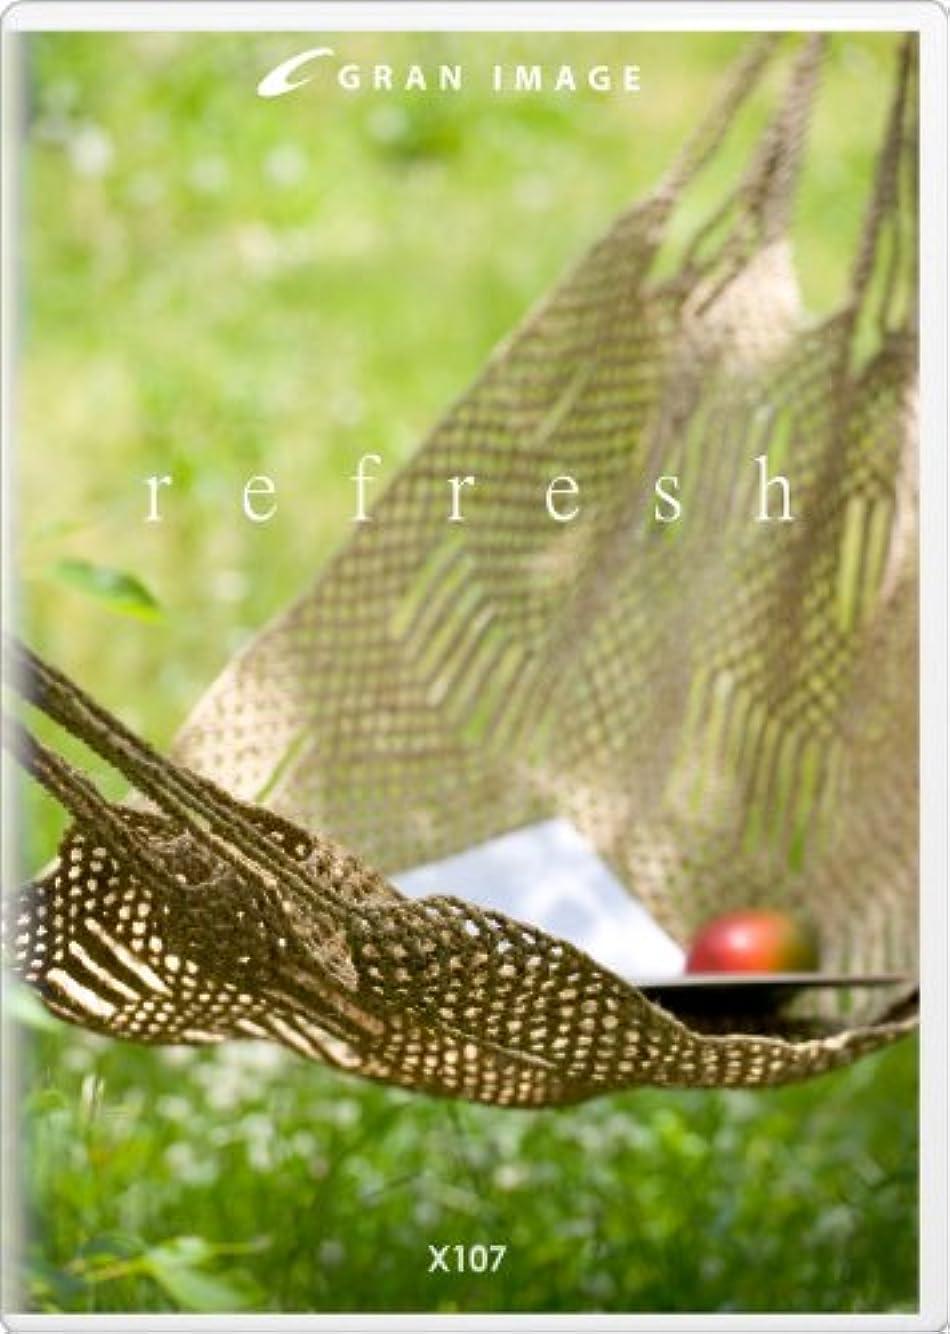 前文トライアスリートバランスのとれたグランイメージ X107 リフレッシュ(ロイヤリティフリー写真素材集)